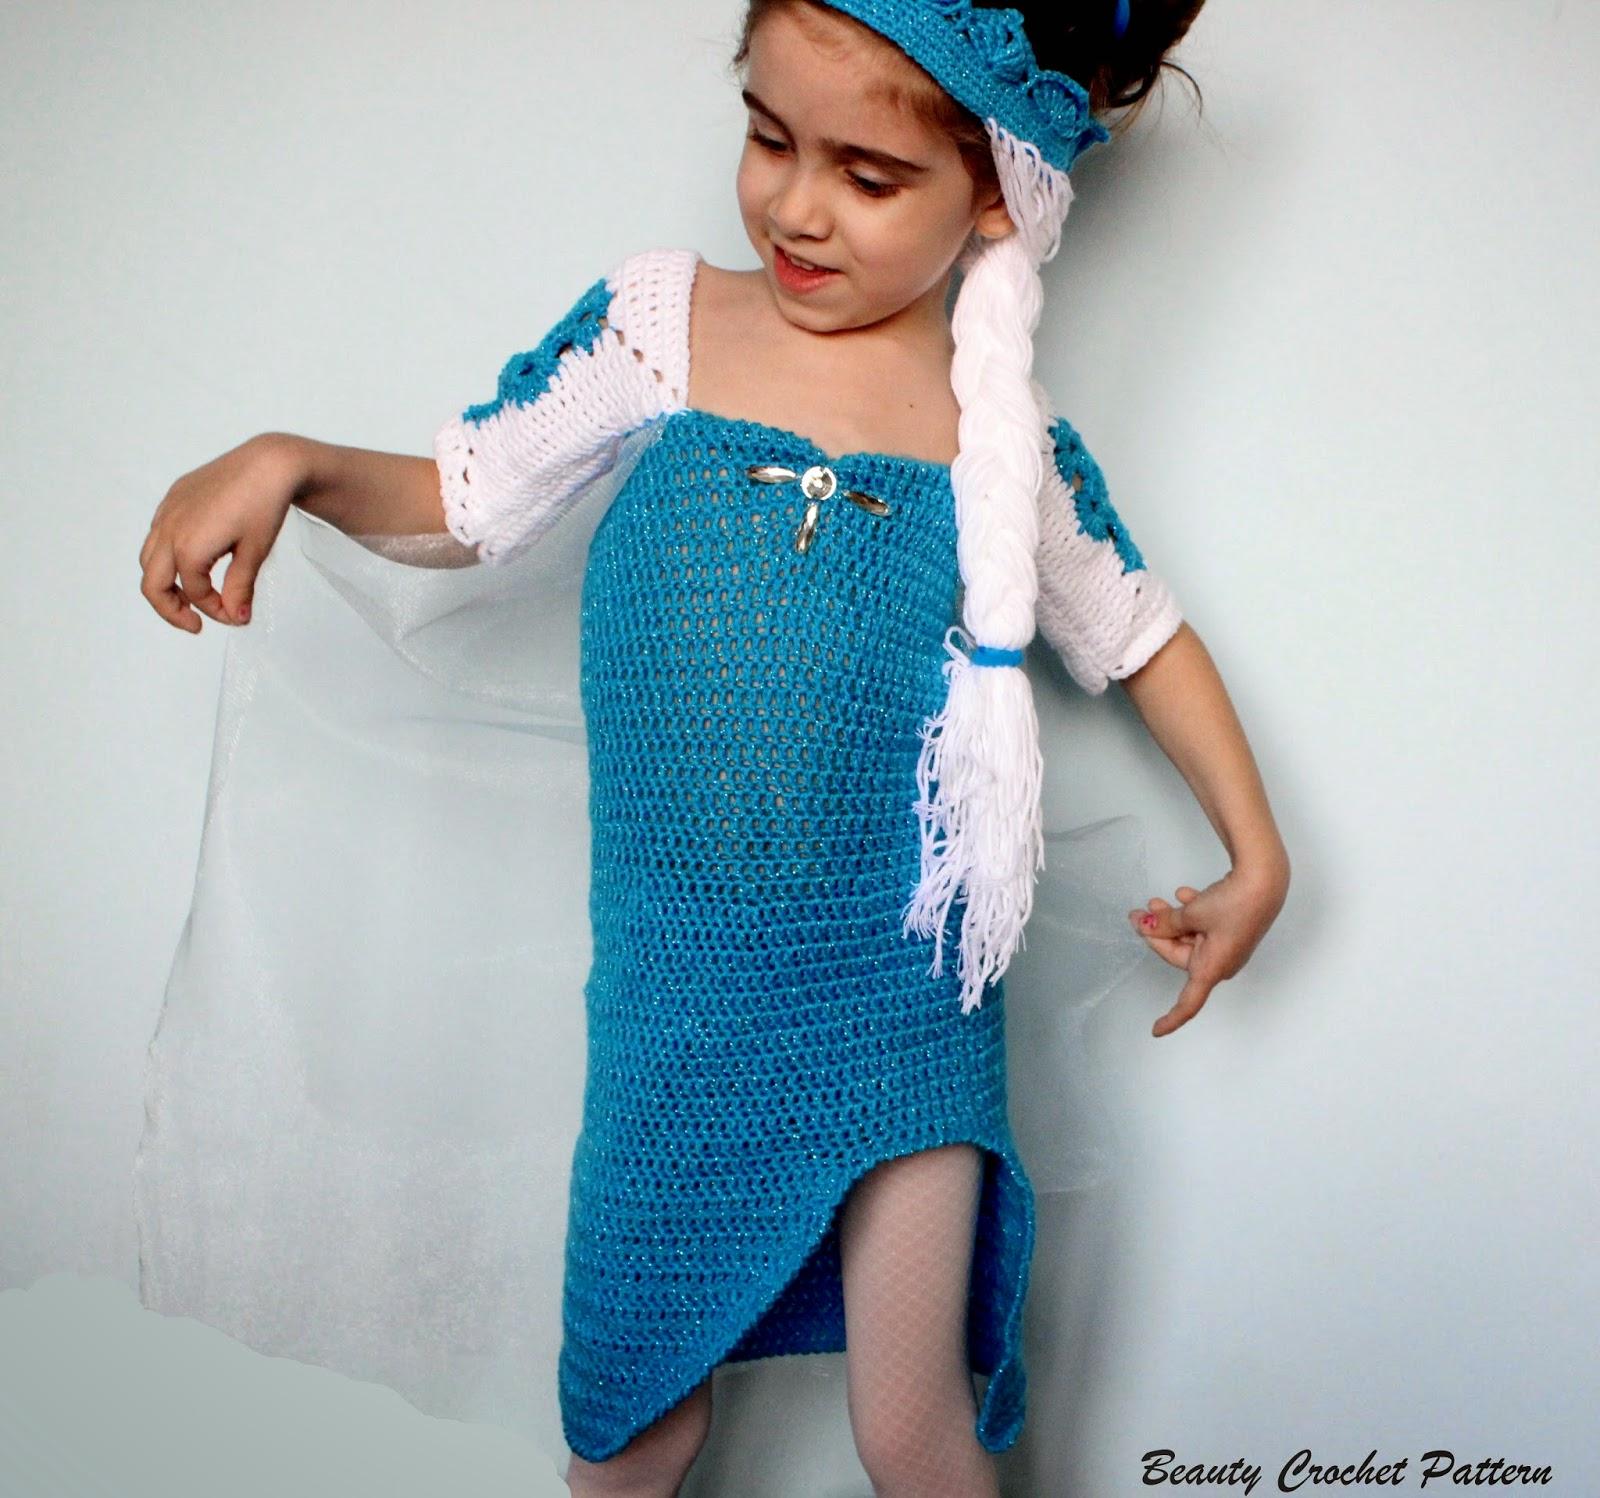 Crochet Elsa Hair Pattern : Beauty Crochet Pattern: ICE QUEEN CROCHET DRESS AND CROWN PATTERN